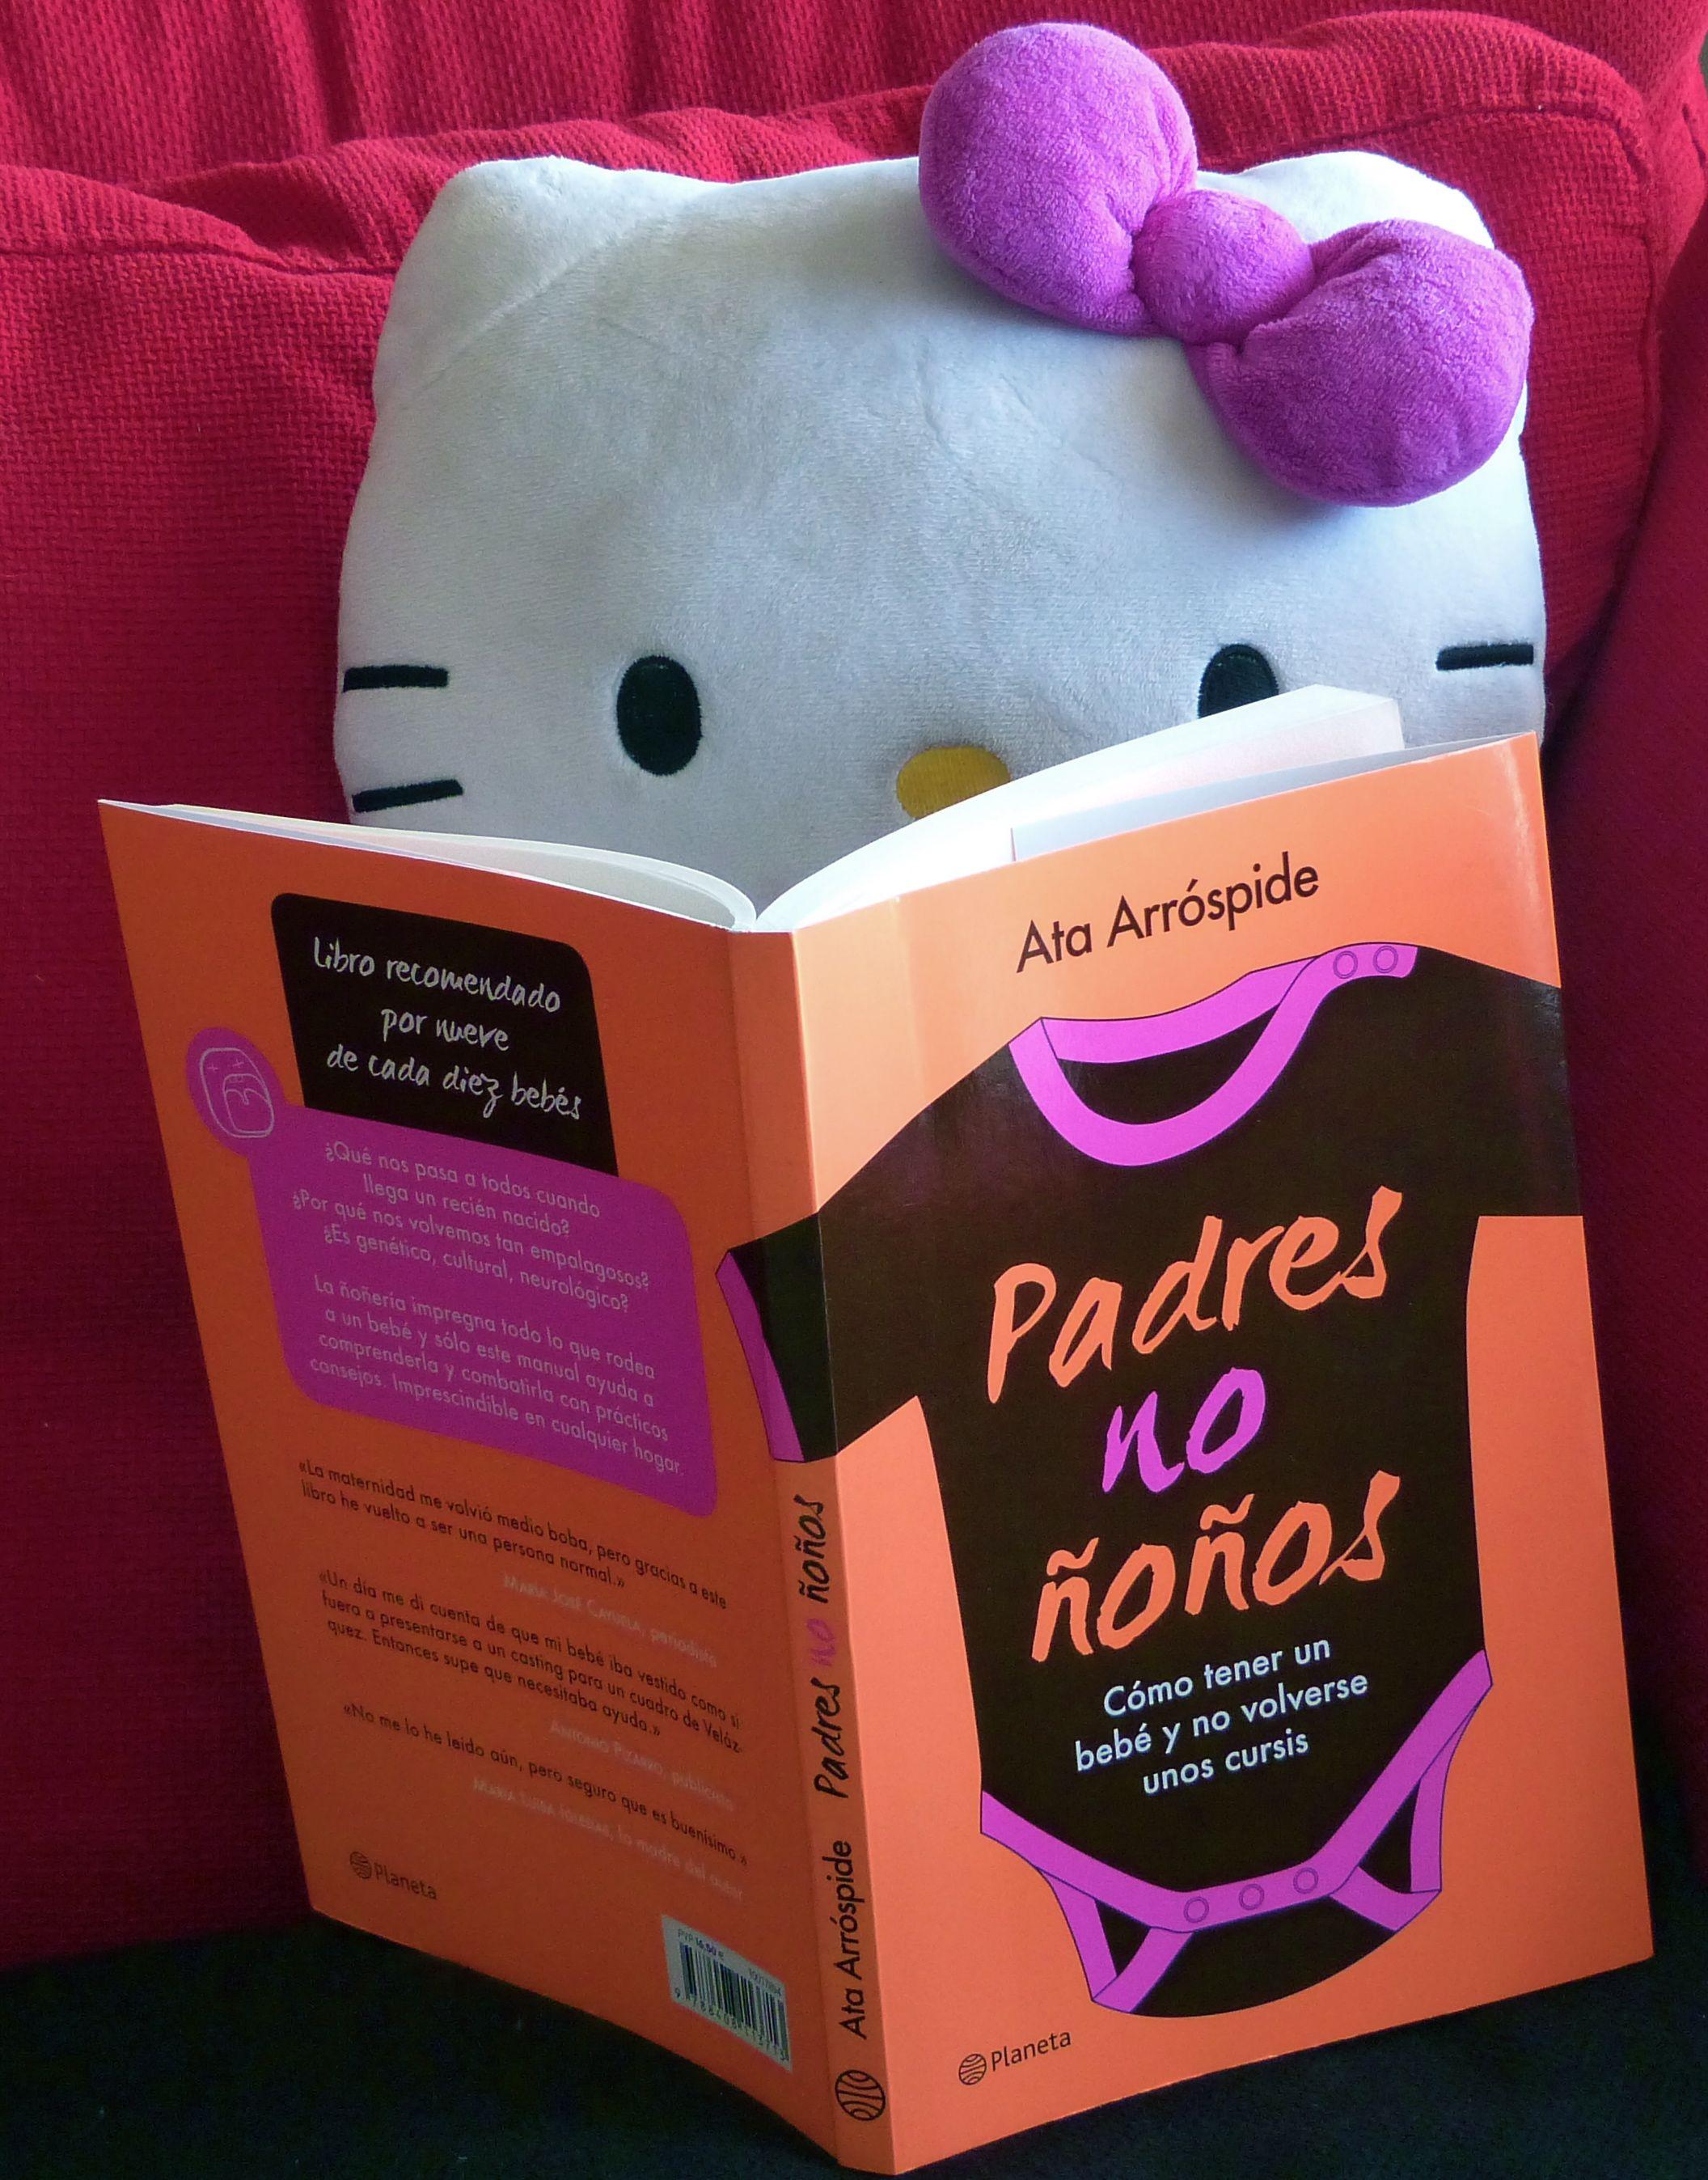 Padres no ñoños, o cómo tener un bebé y no volverse unos cursis. Por Ata Arróspide. Ed. Planeta.